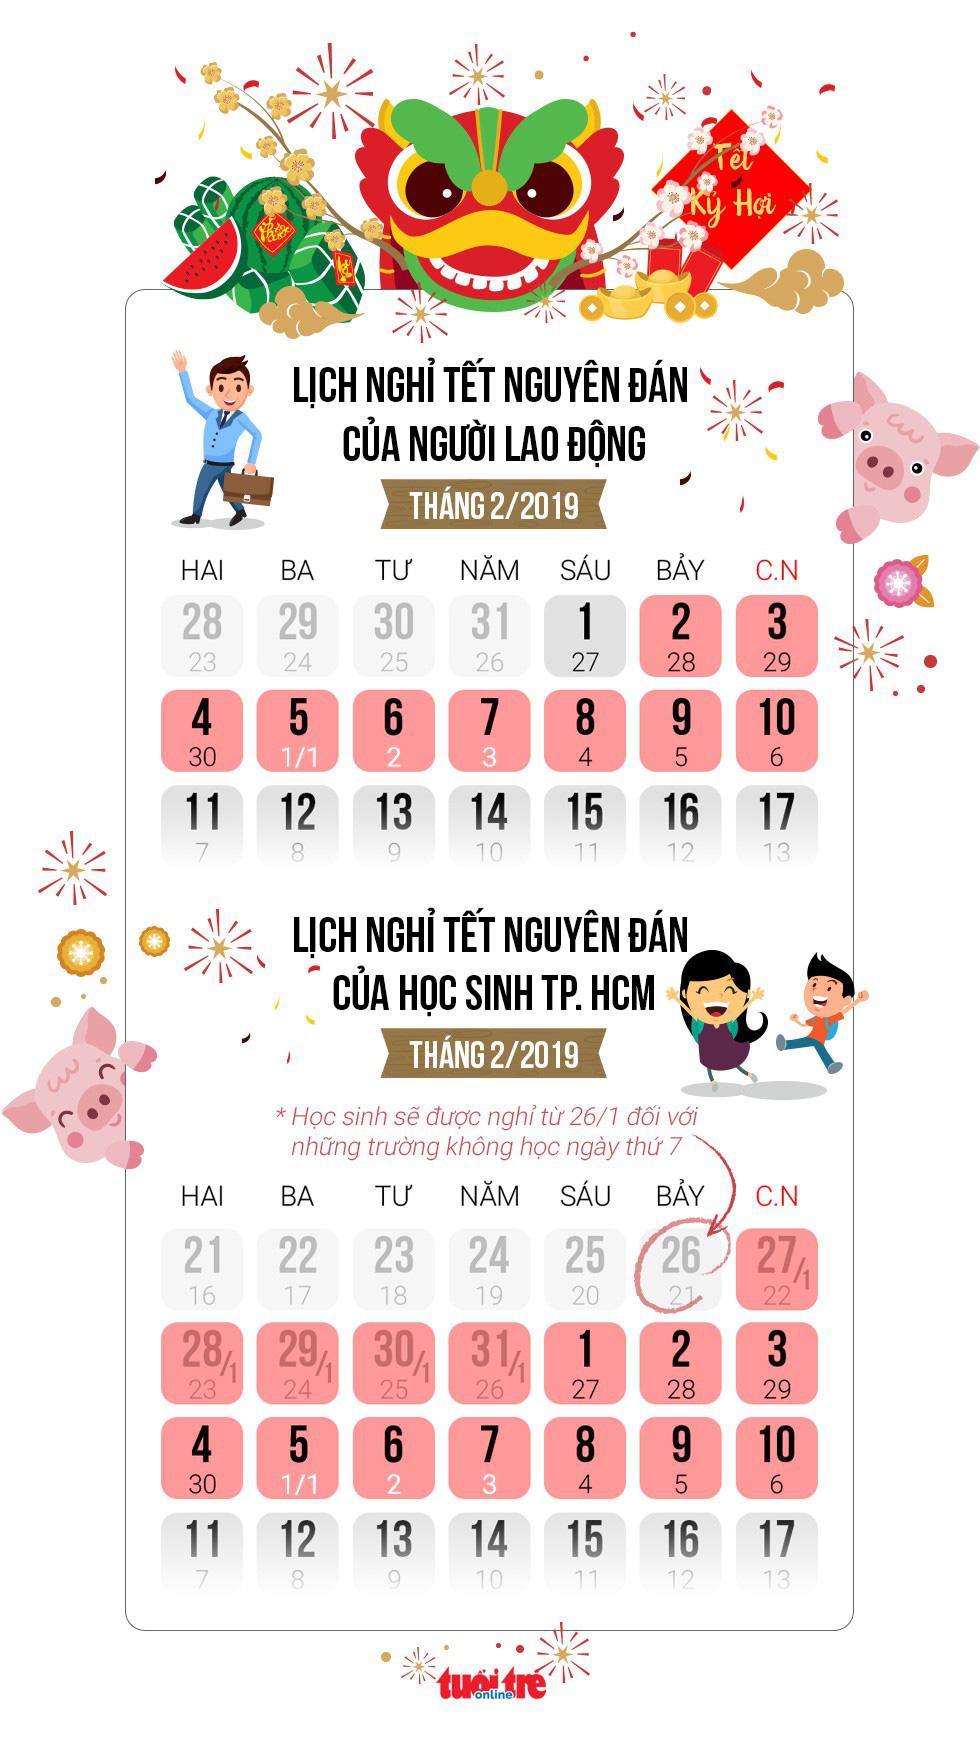 Lịch nghỉ Tết Nguyên đán 2019 của người lao động, học sinh - Ảnh 1.